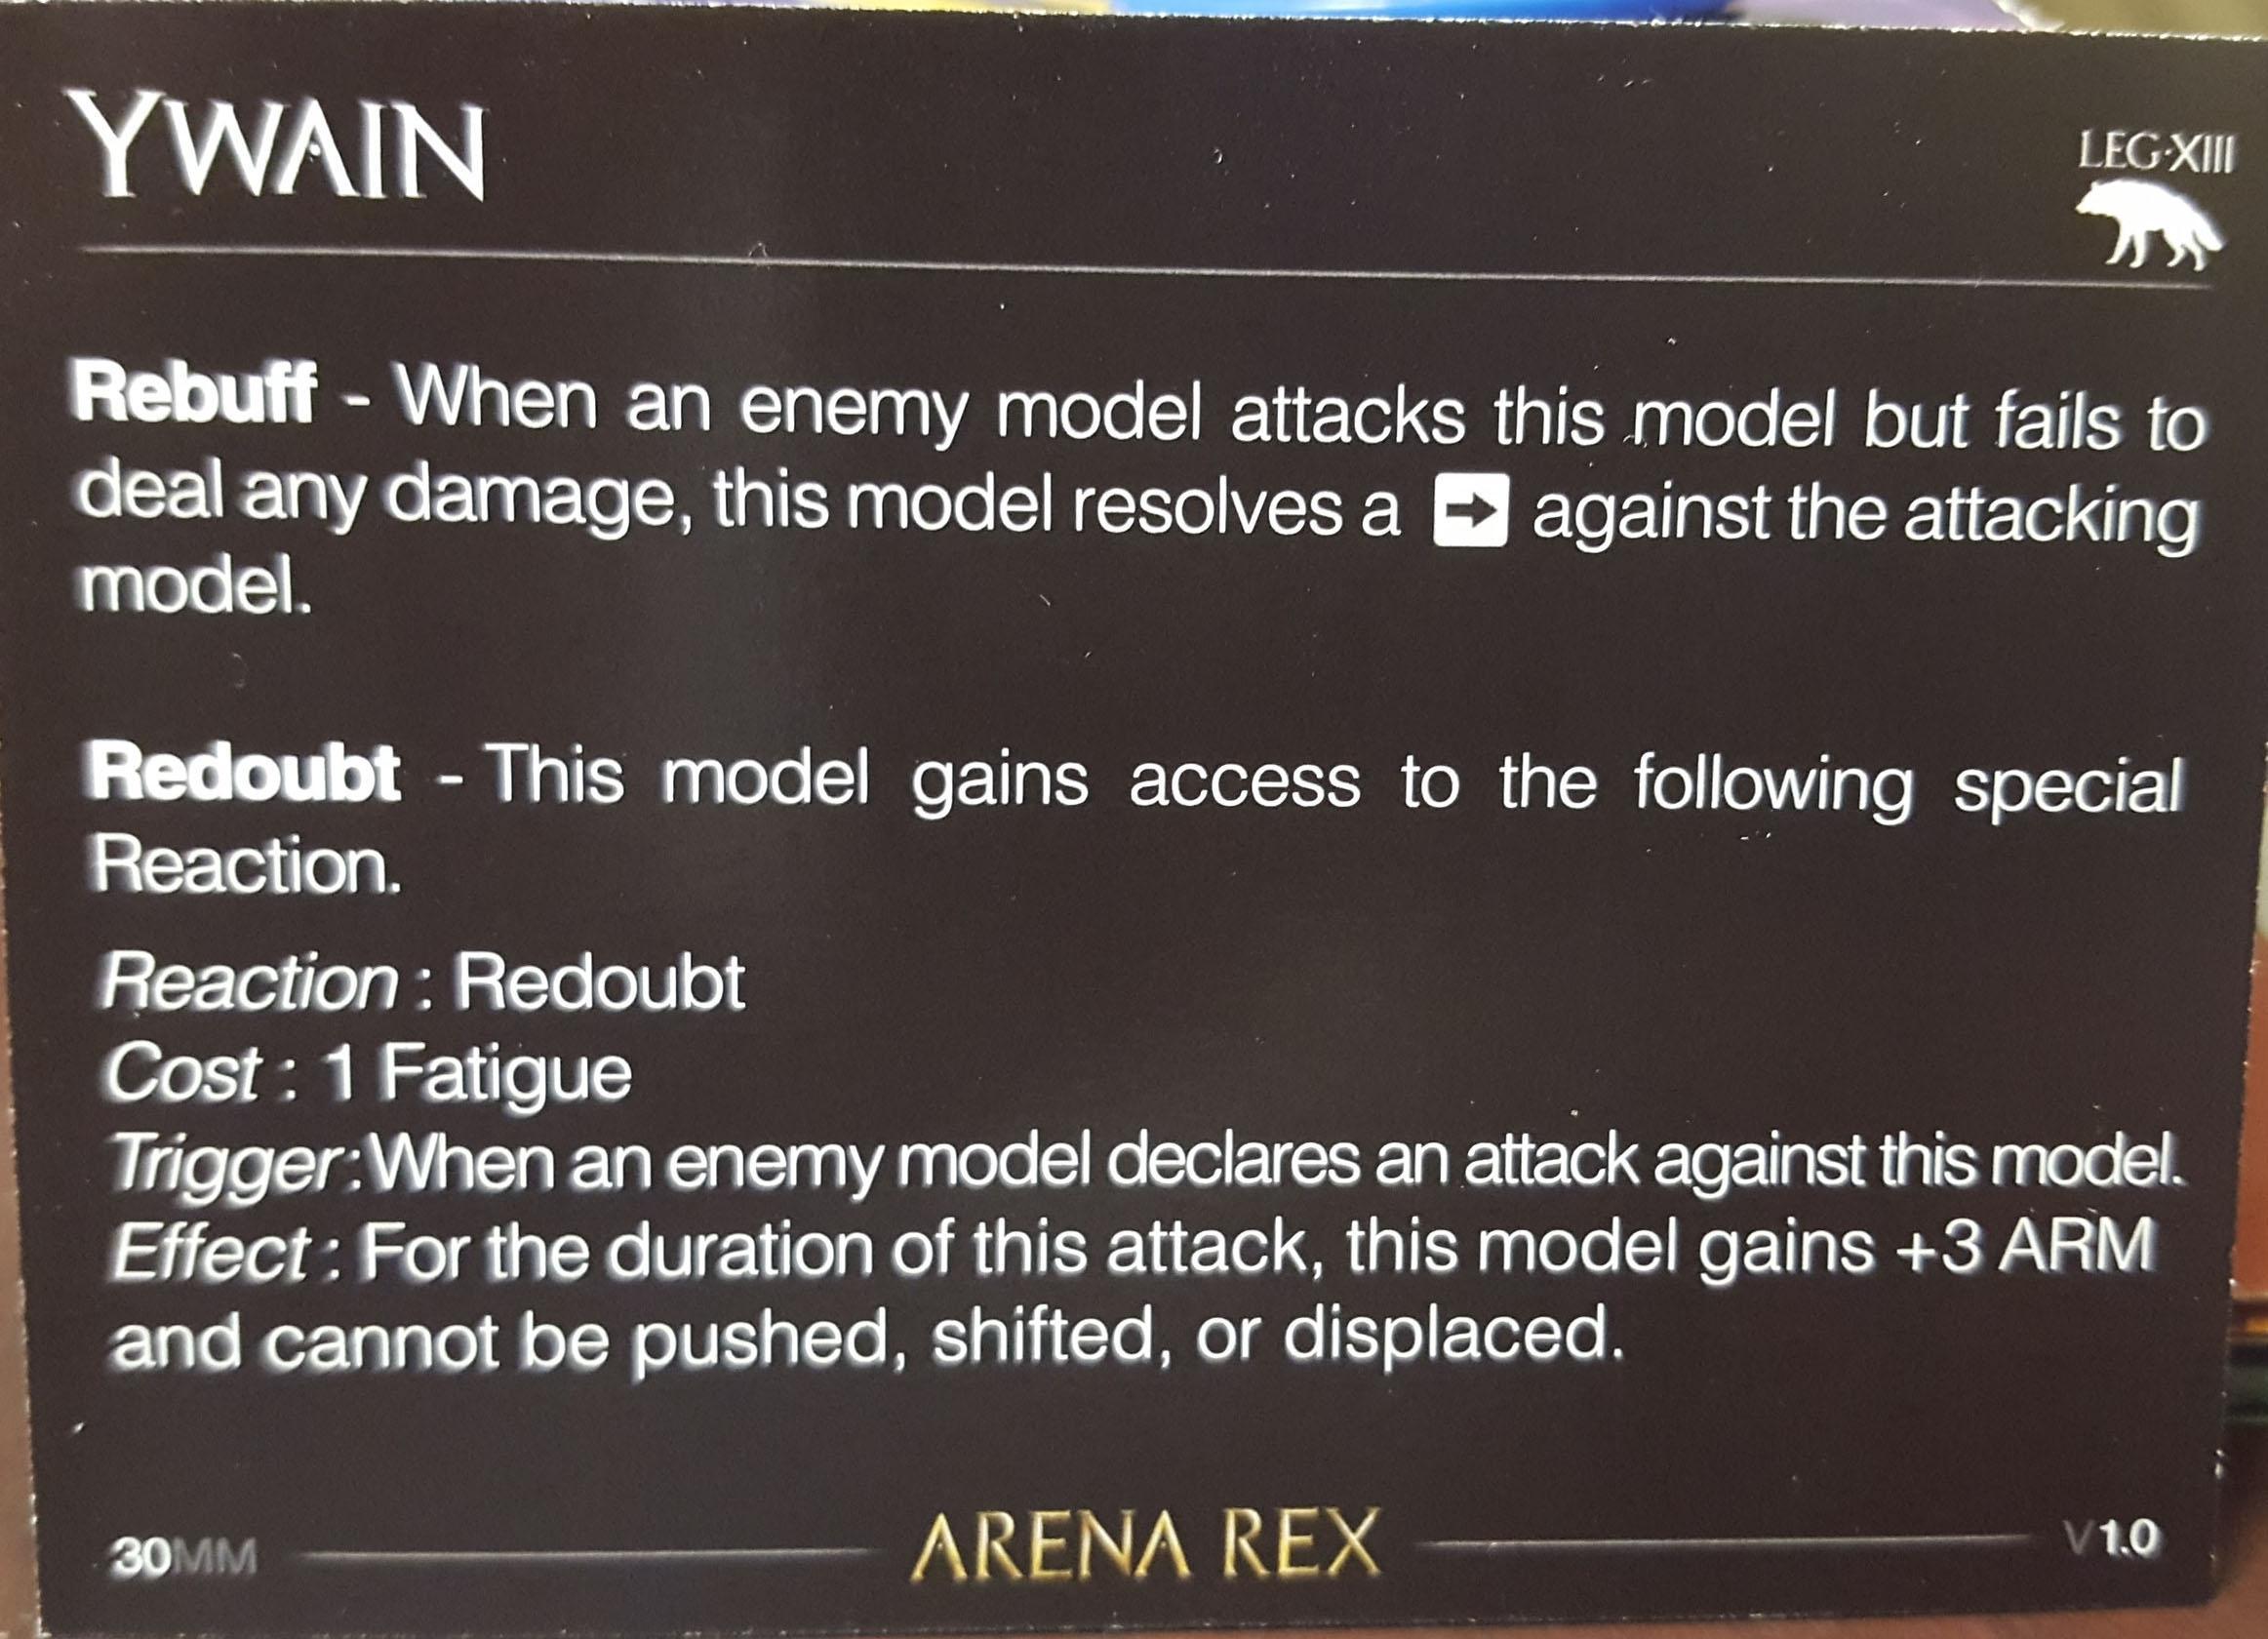 Arena Rex, Gladiators, Legio Xiii, Red Republic Games, Ywain